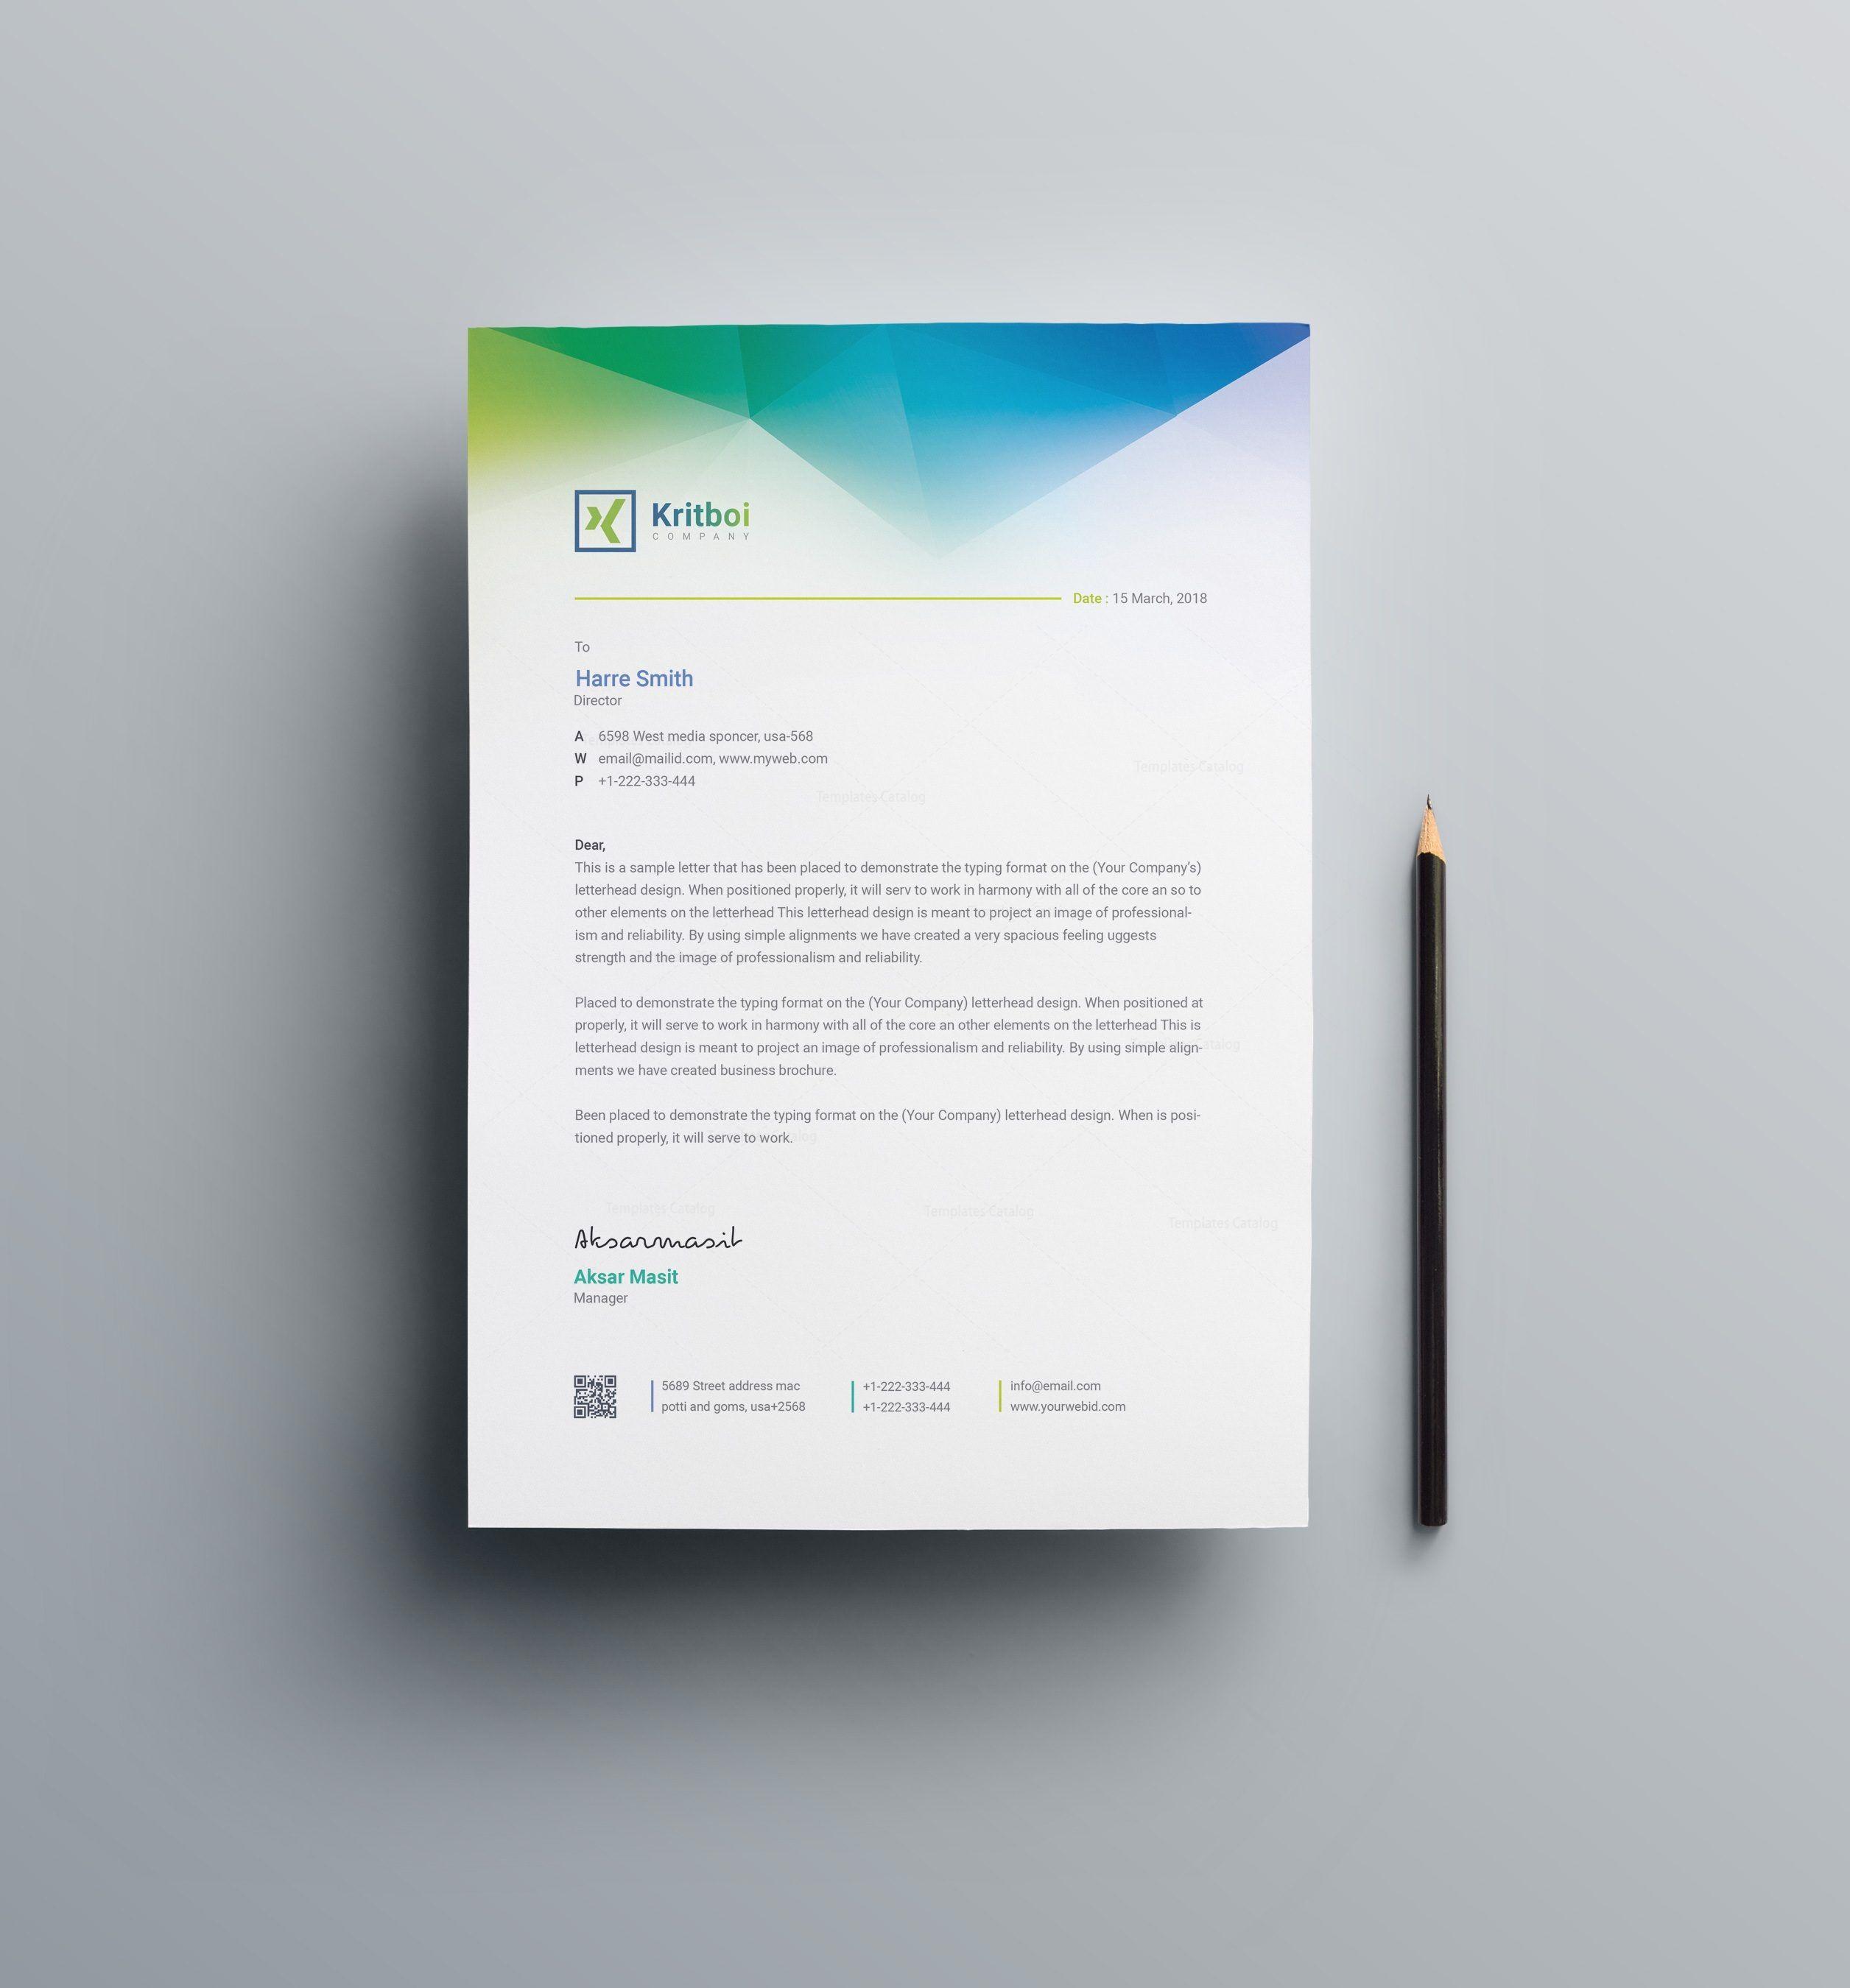 Alastor Professional Corporate Letterhead Template 001026: Apollo Professional Corporate Letterhead Template 001027